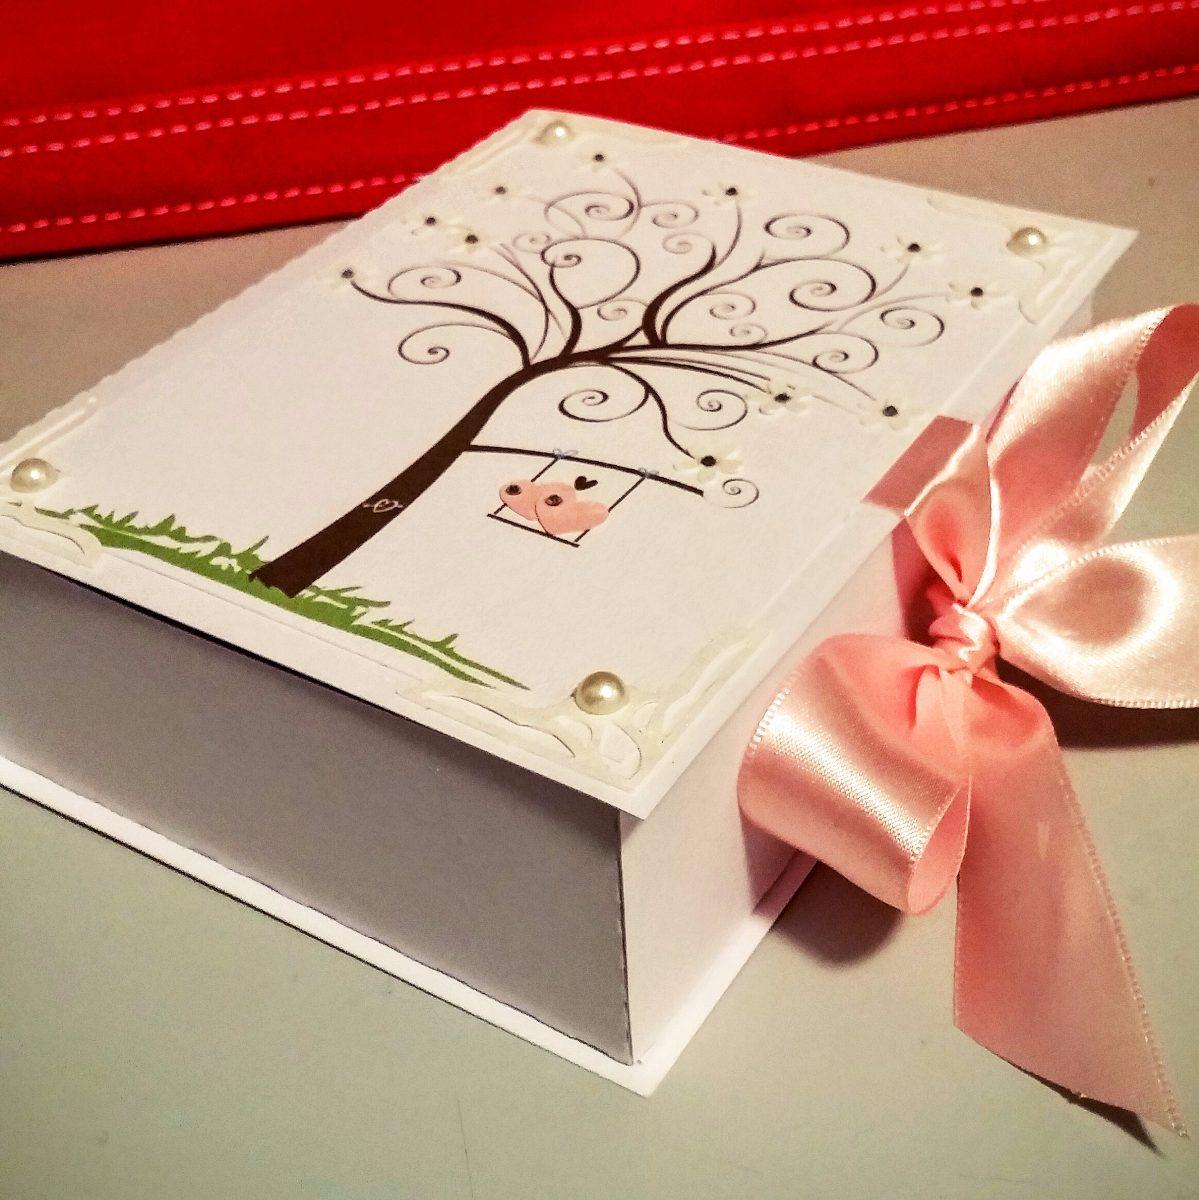 20-caixas-convite-casamento-padrinhos-frete-gratis-D_NQ_NP_227221-MLB20733245002_052016-F.jpg